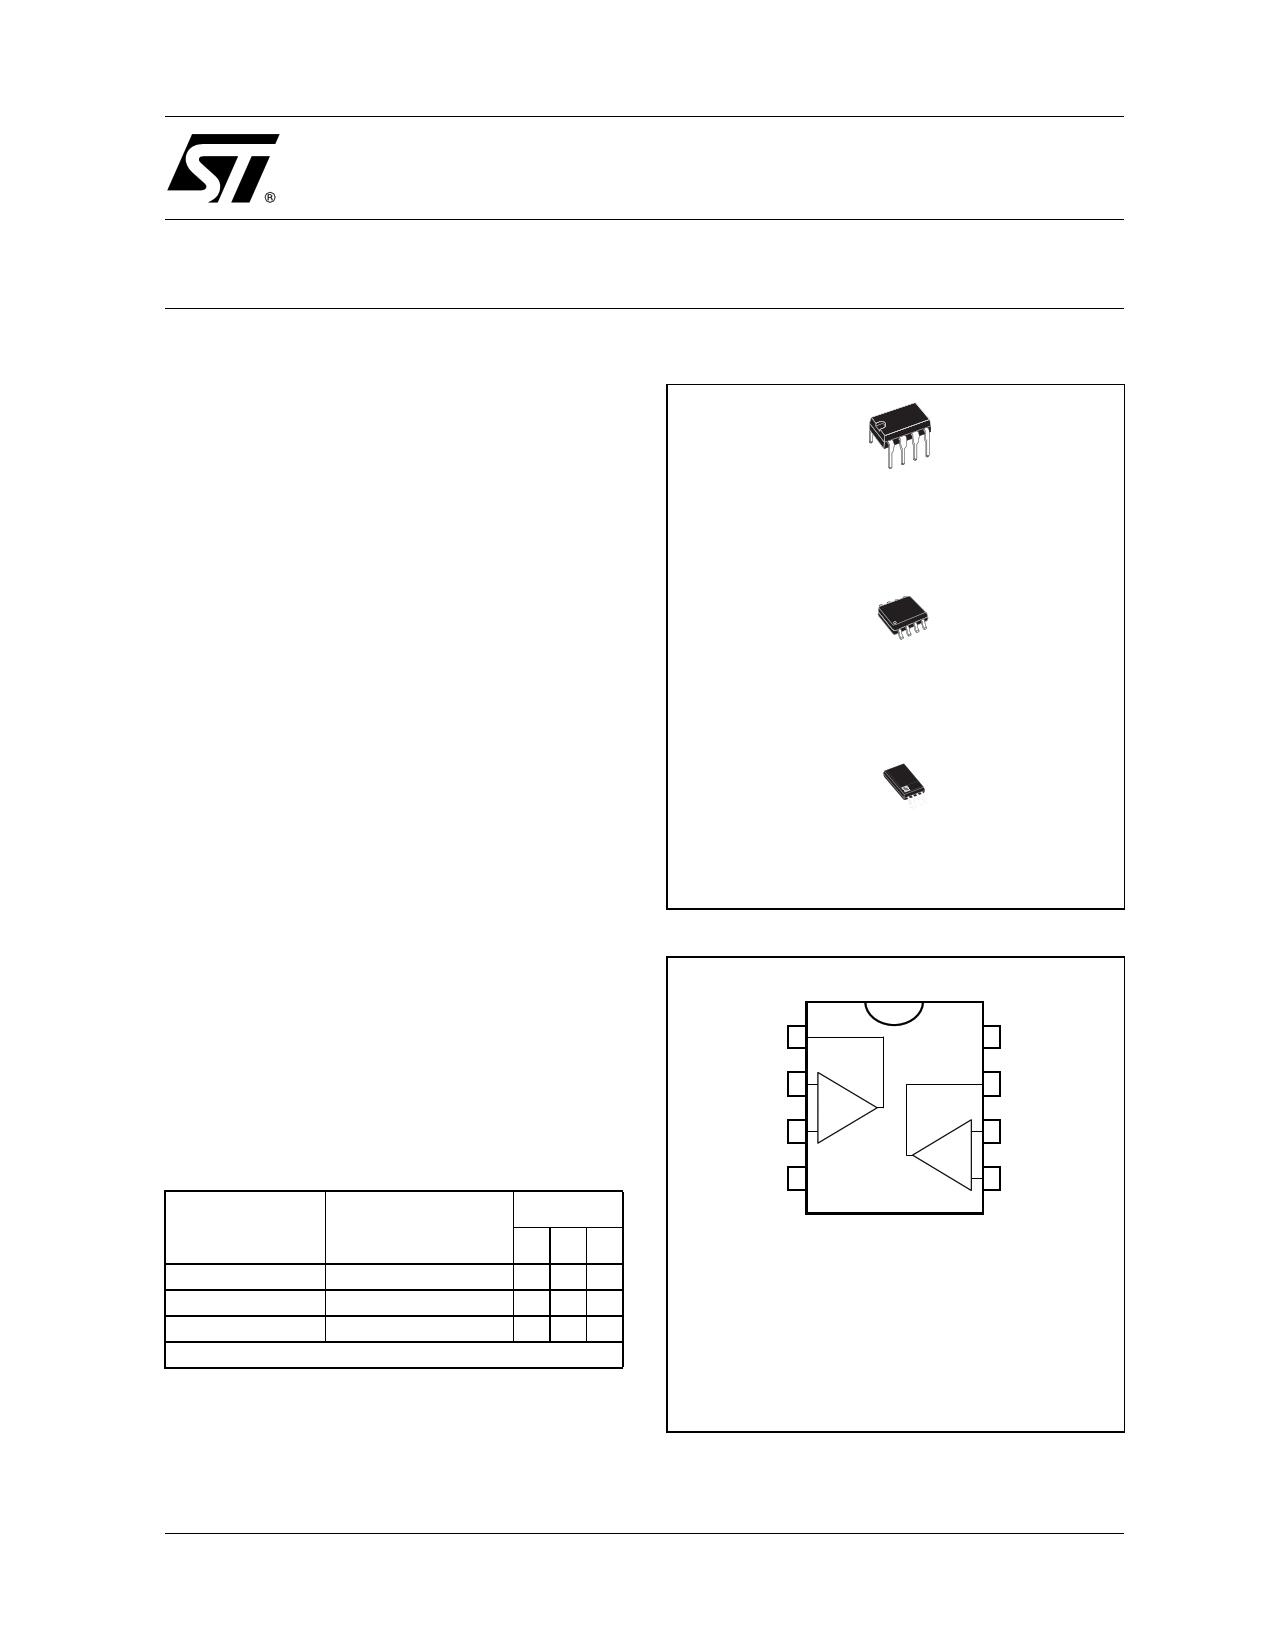 TS27L2AC Datasheet, TS27L2AC PDF,ピン配置, 機能